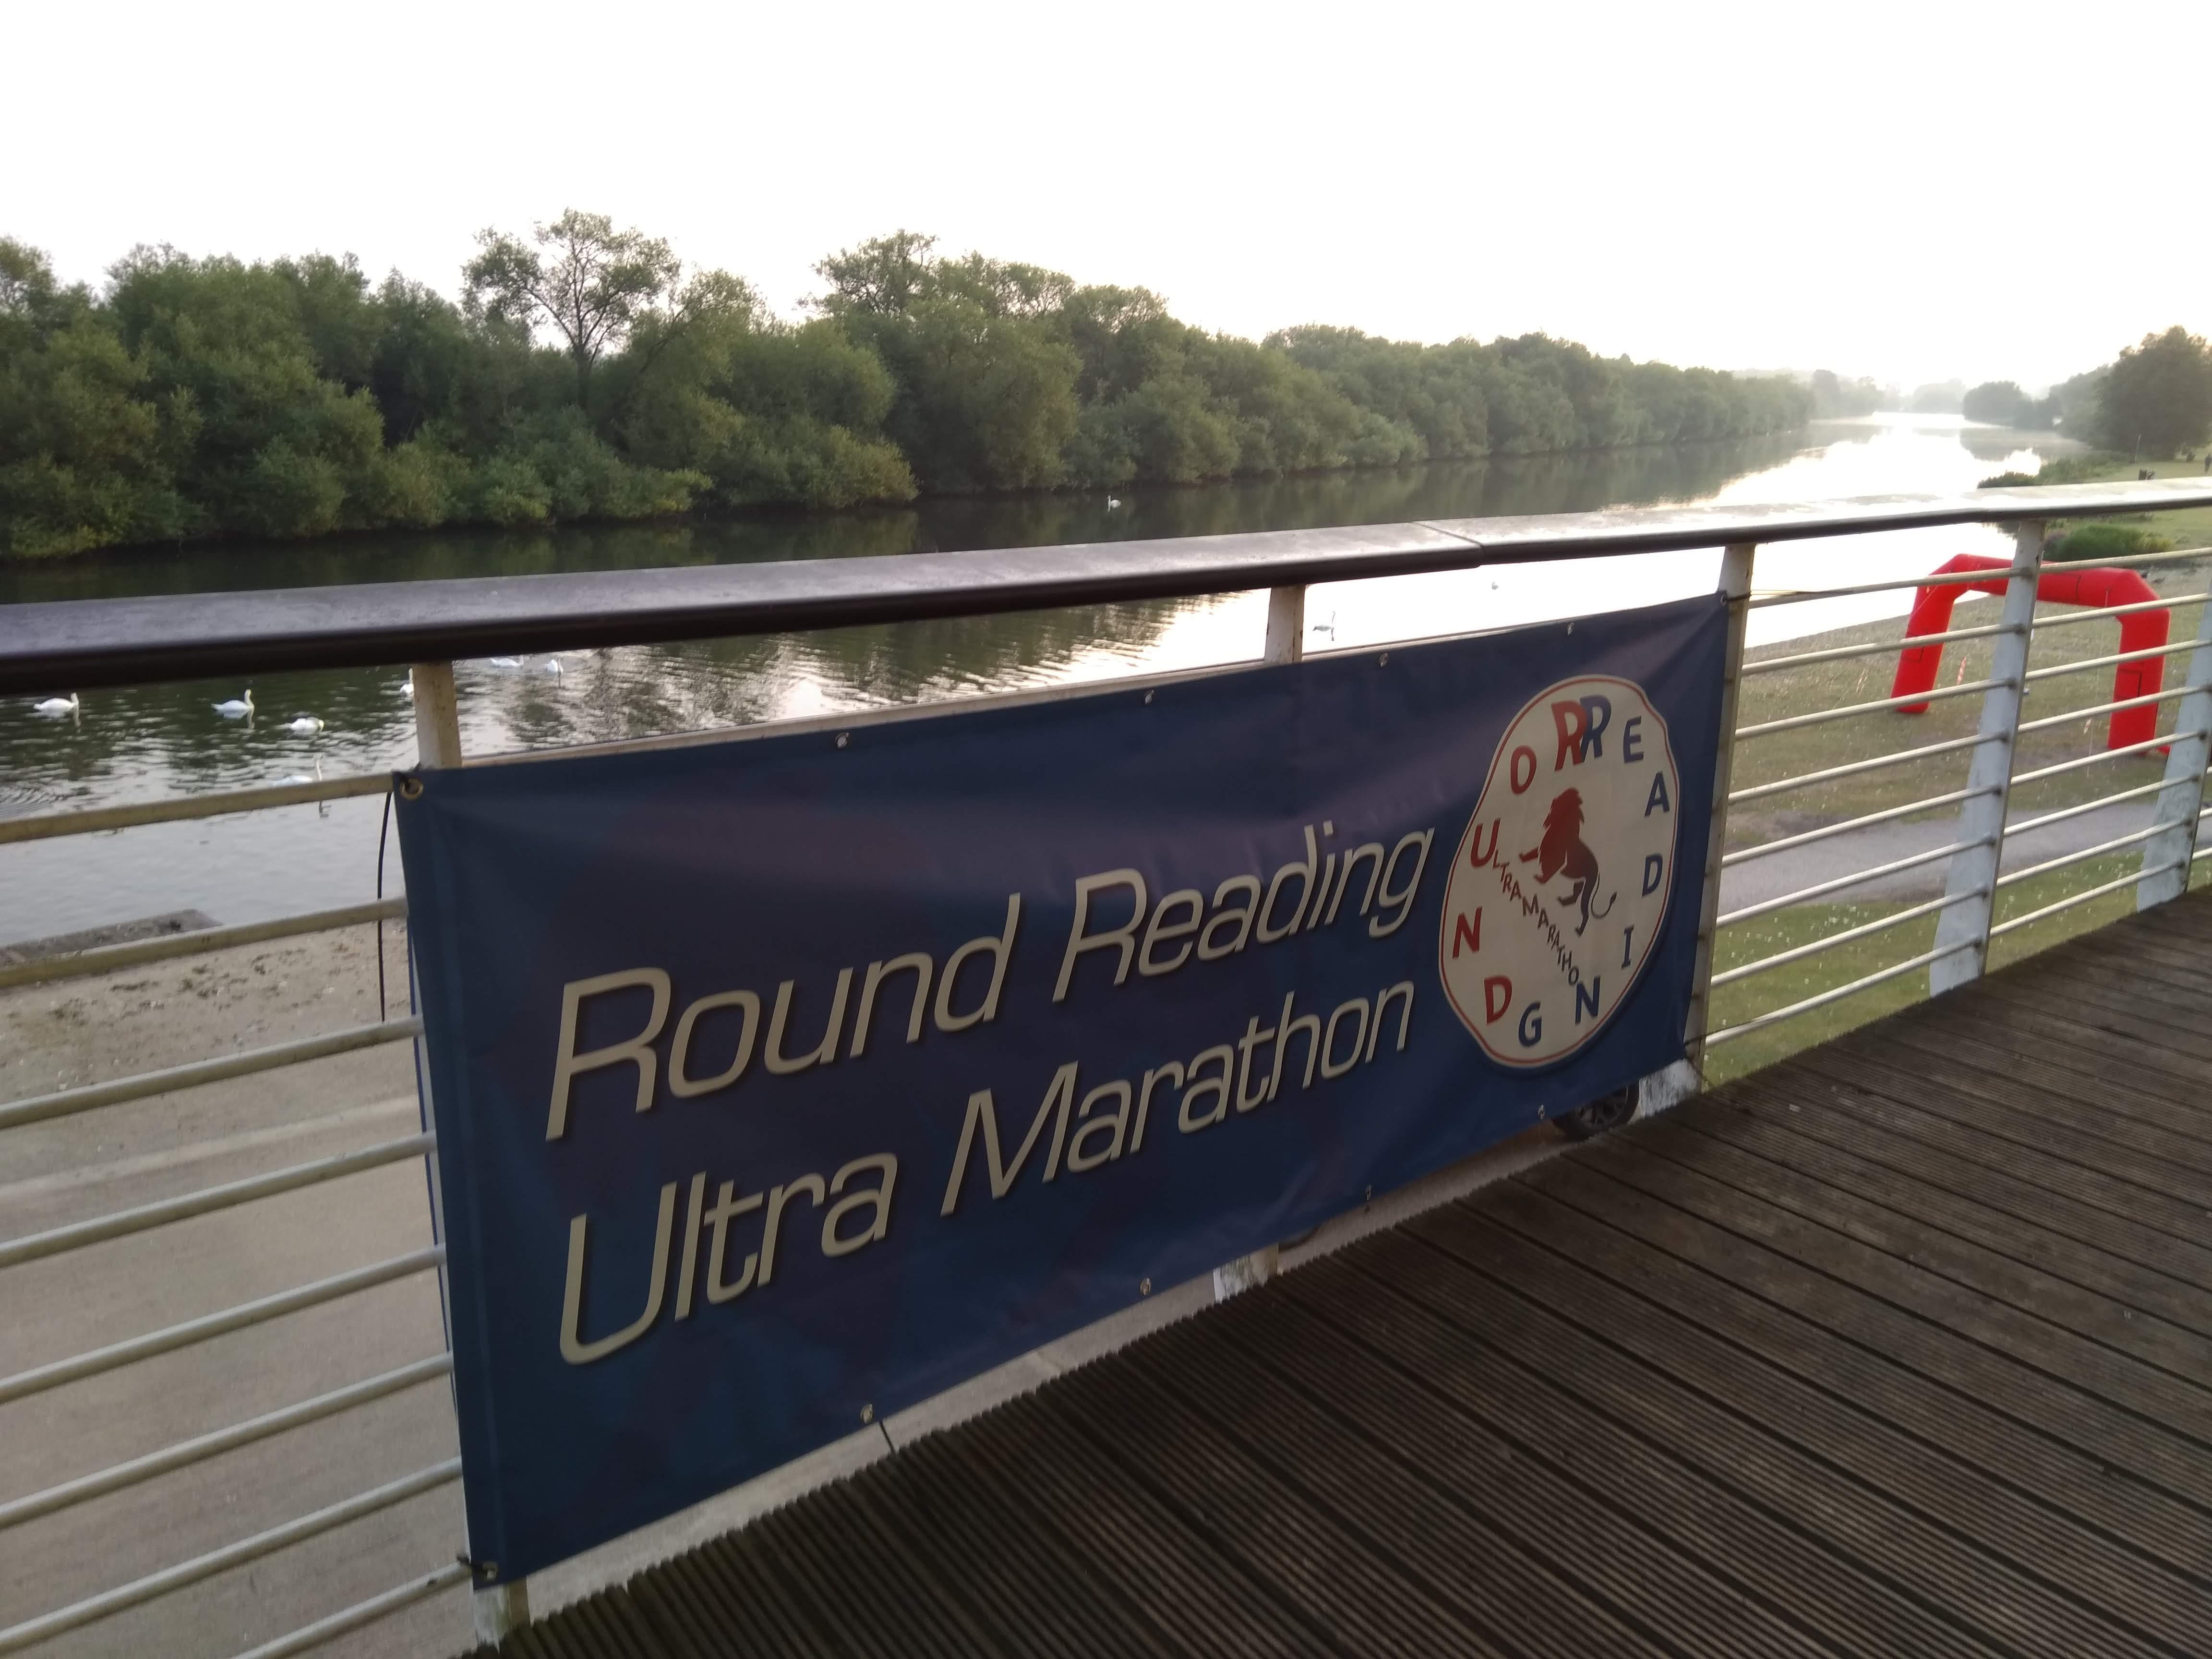 Round Reading Ultra Marathon - image 2